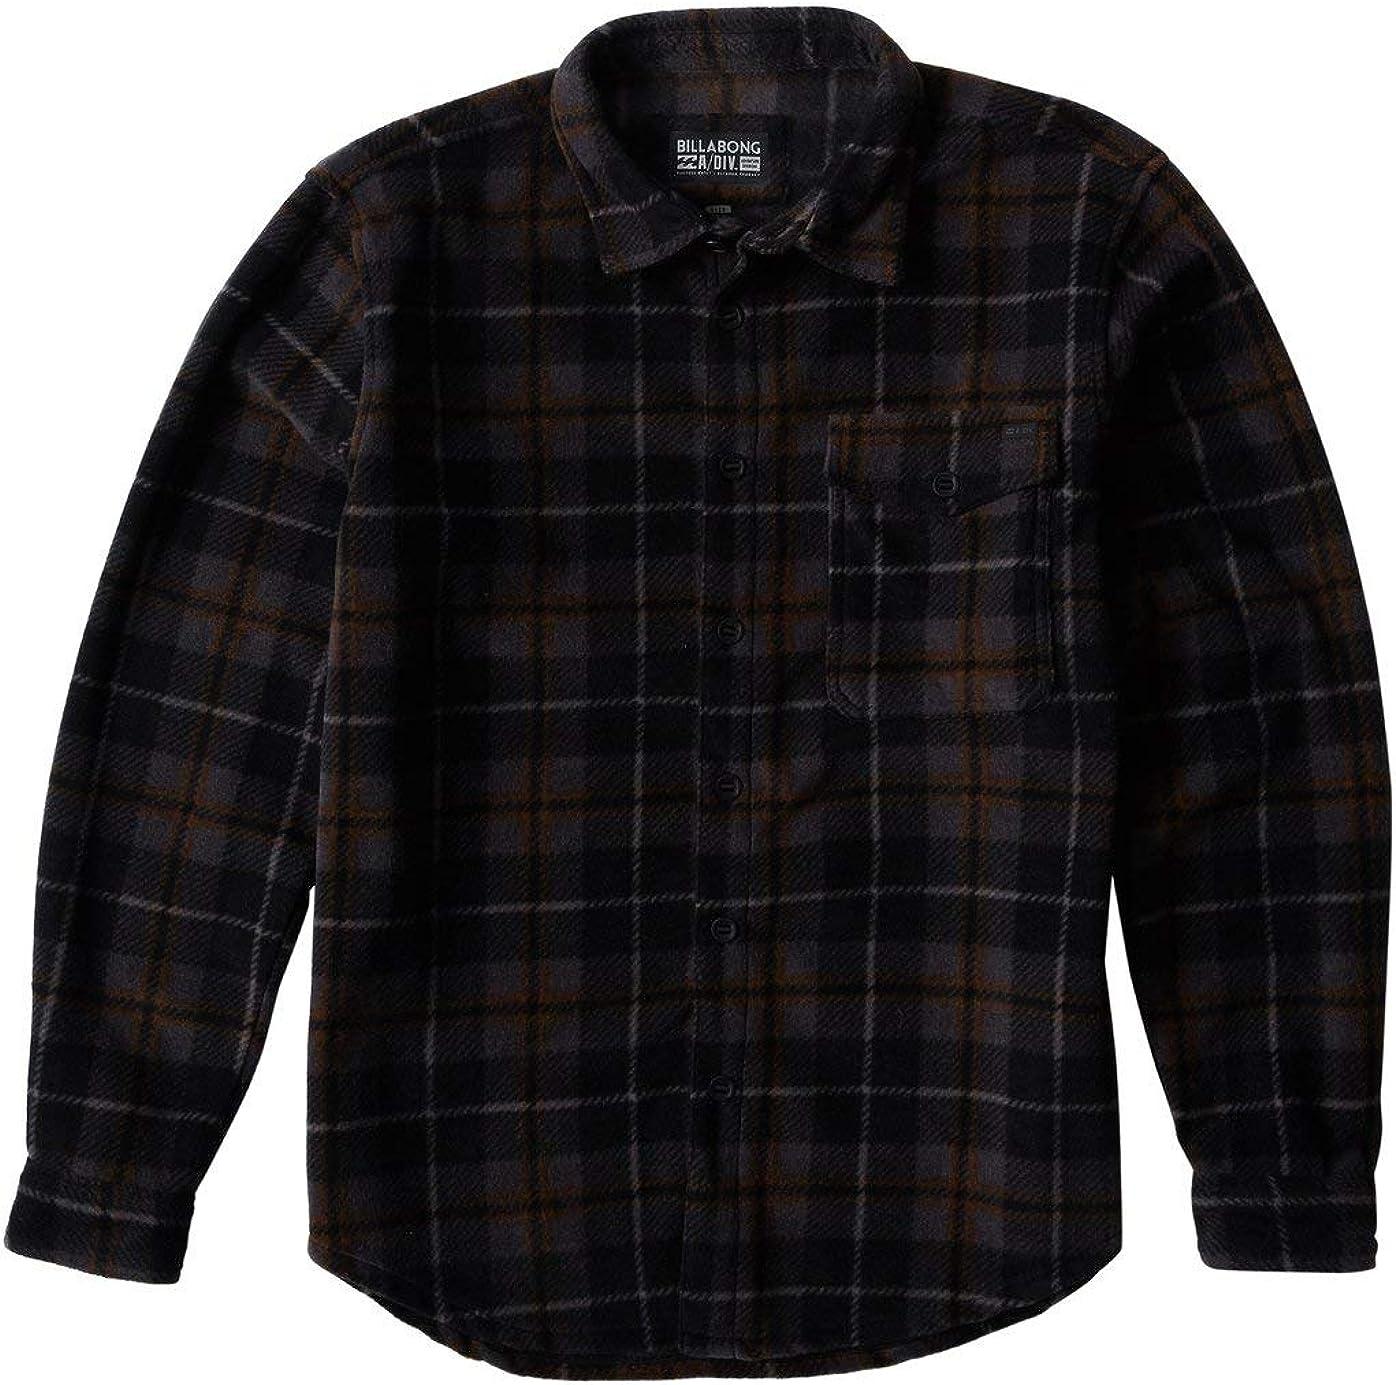 BILLABONG™ - Camisa de Franela - Hombre - L - Negro: Amazon.es: Deportes y aire libre